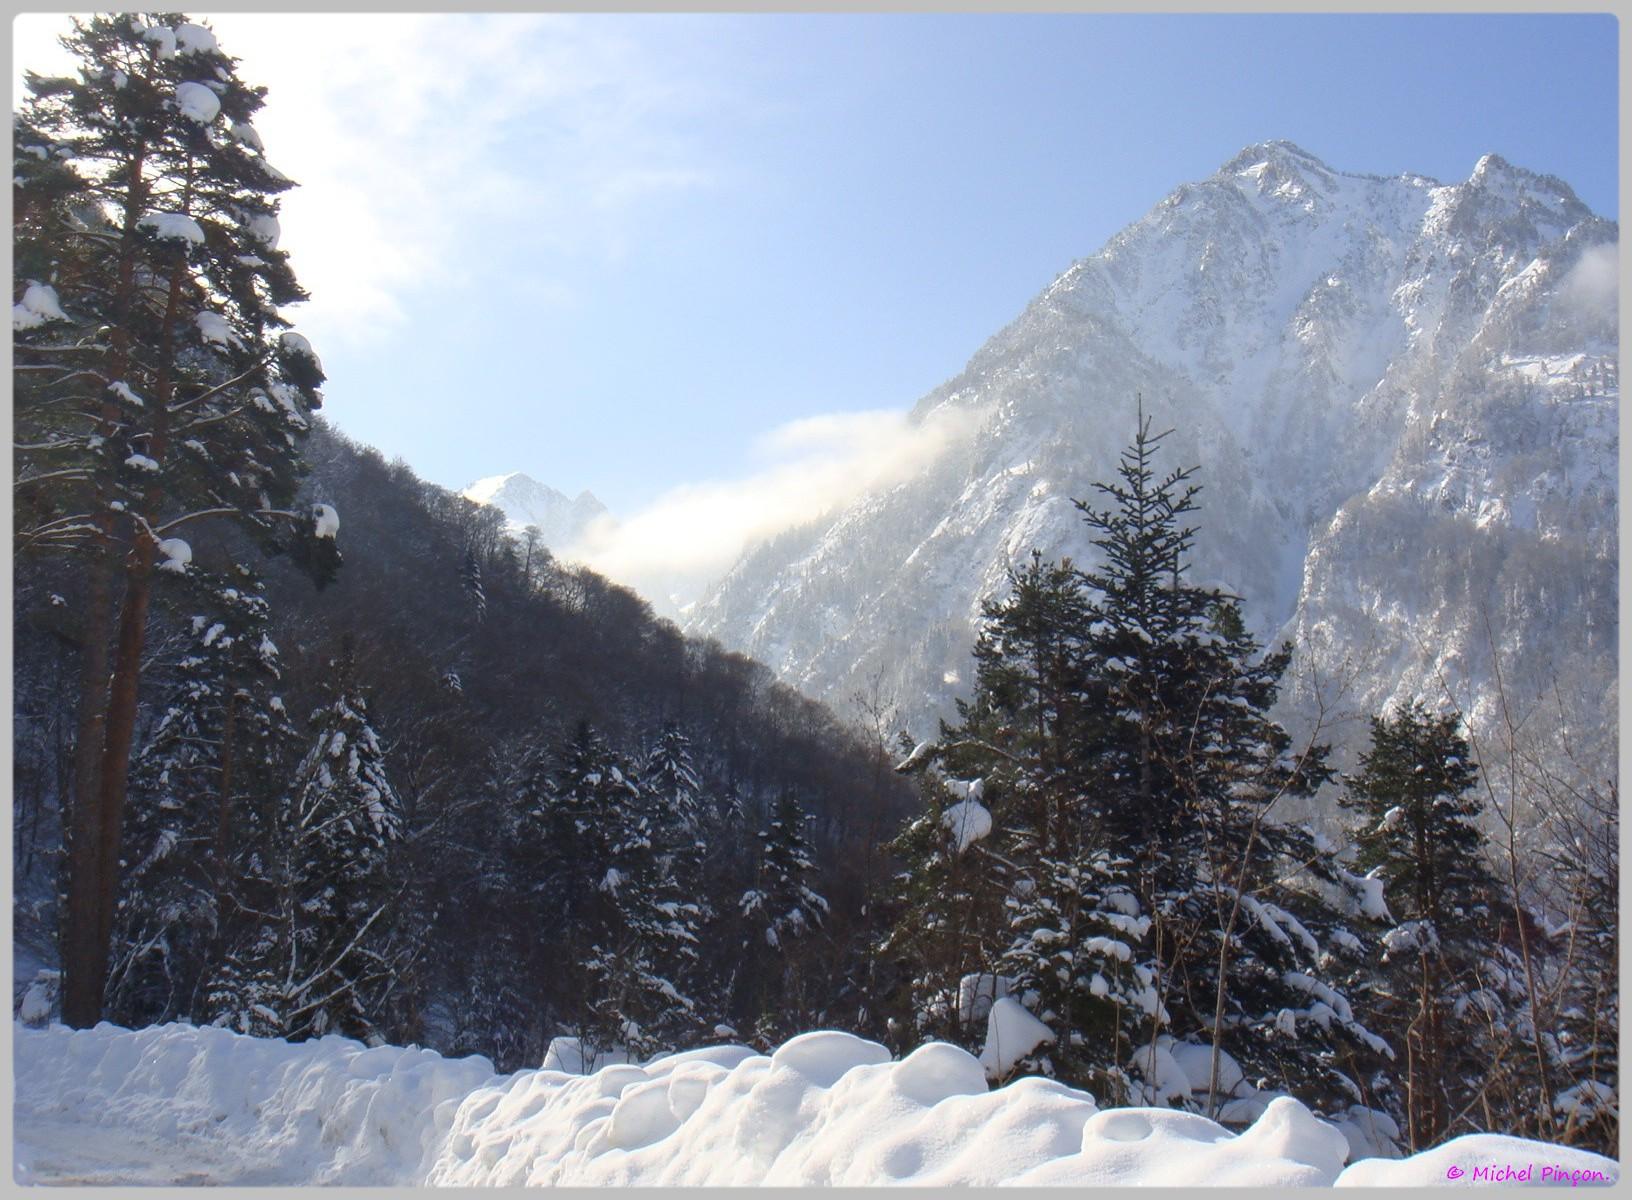 Une semaine à la Neige dans les Htes Pyrénées - Page 2 235726DSC012045